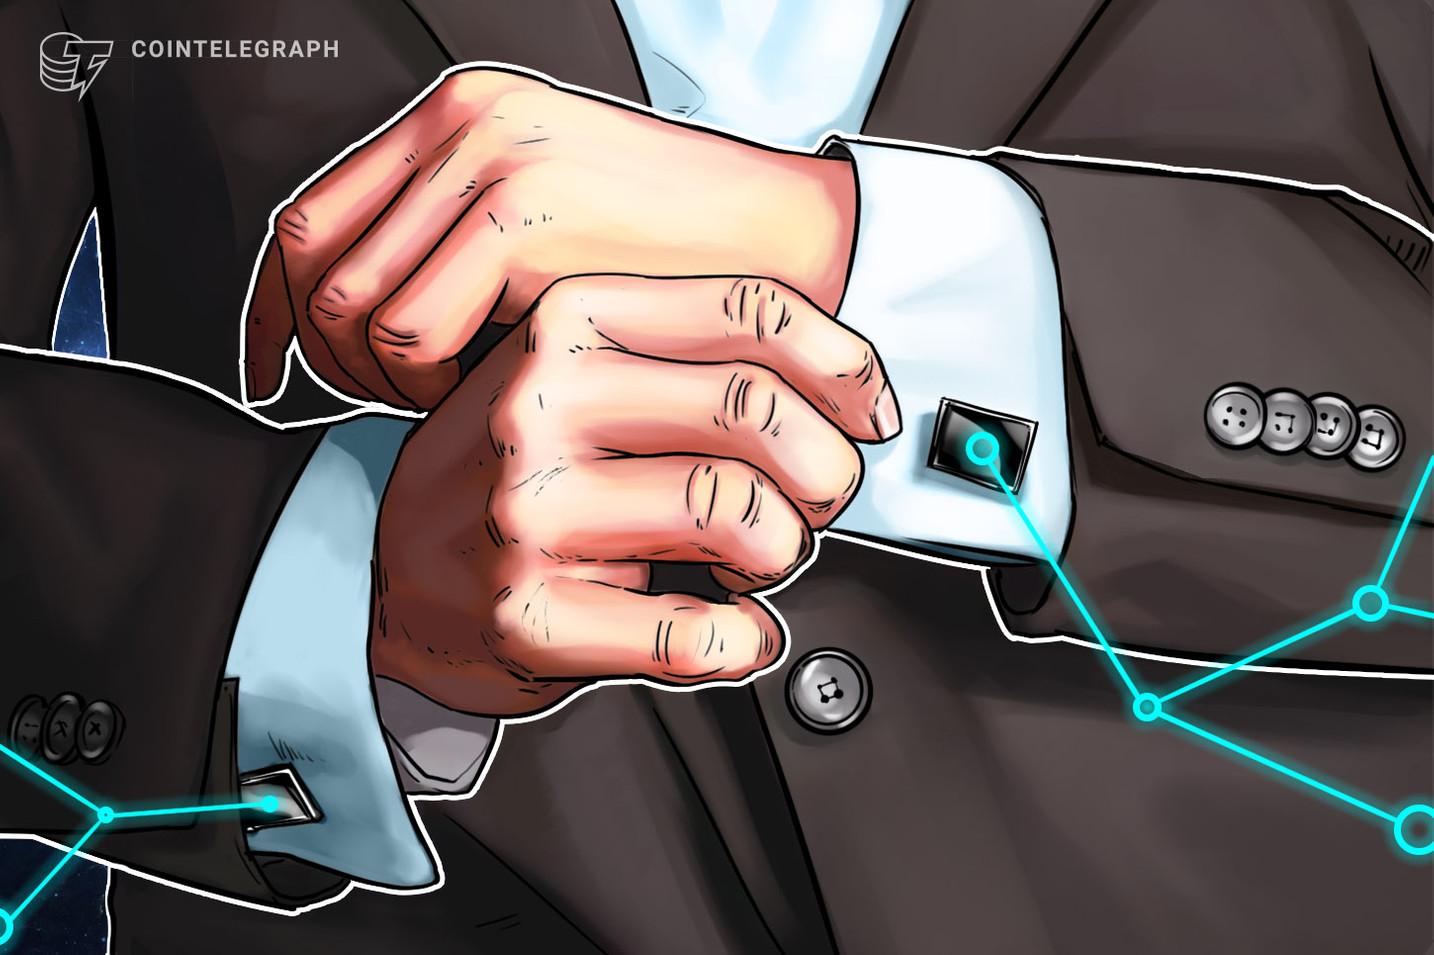 「規制当局との戦いは業界一丸で」 米ブロックチェーン協会がチャットアプリKik 設立の基金を運営